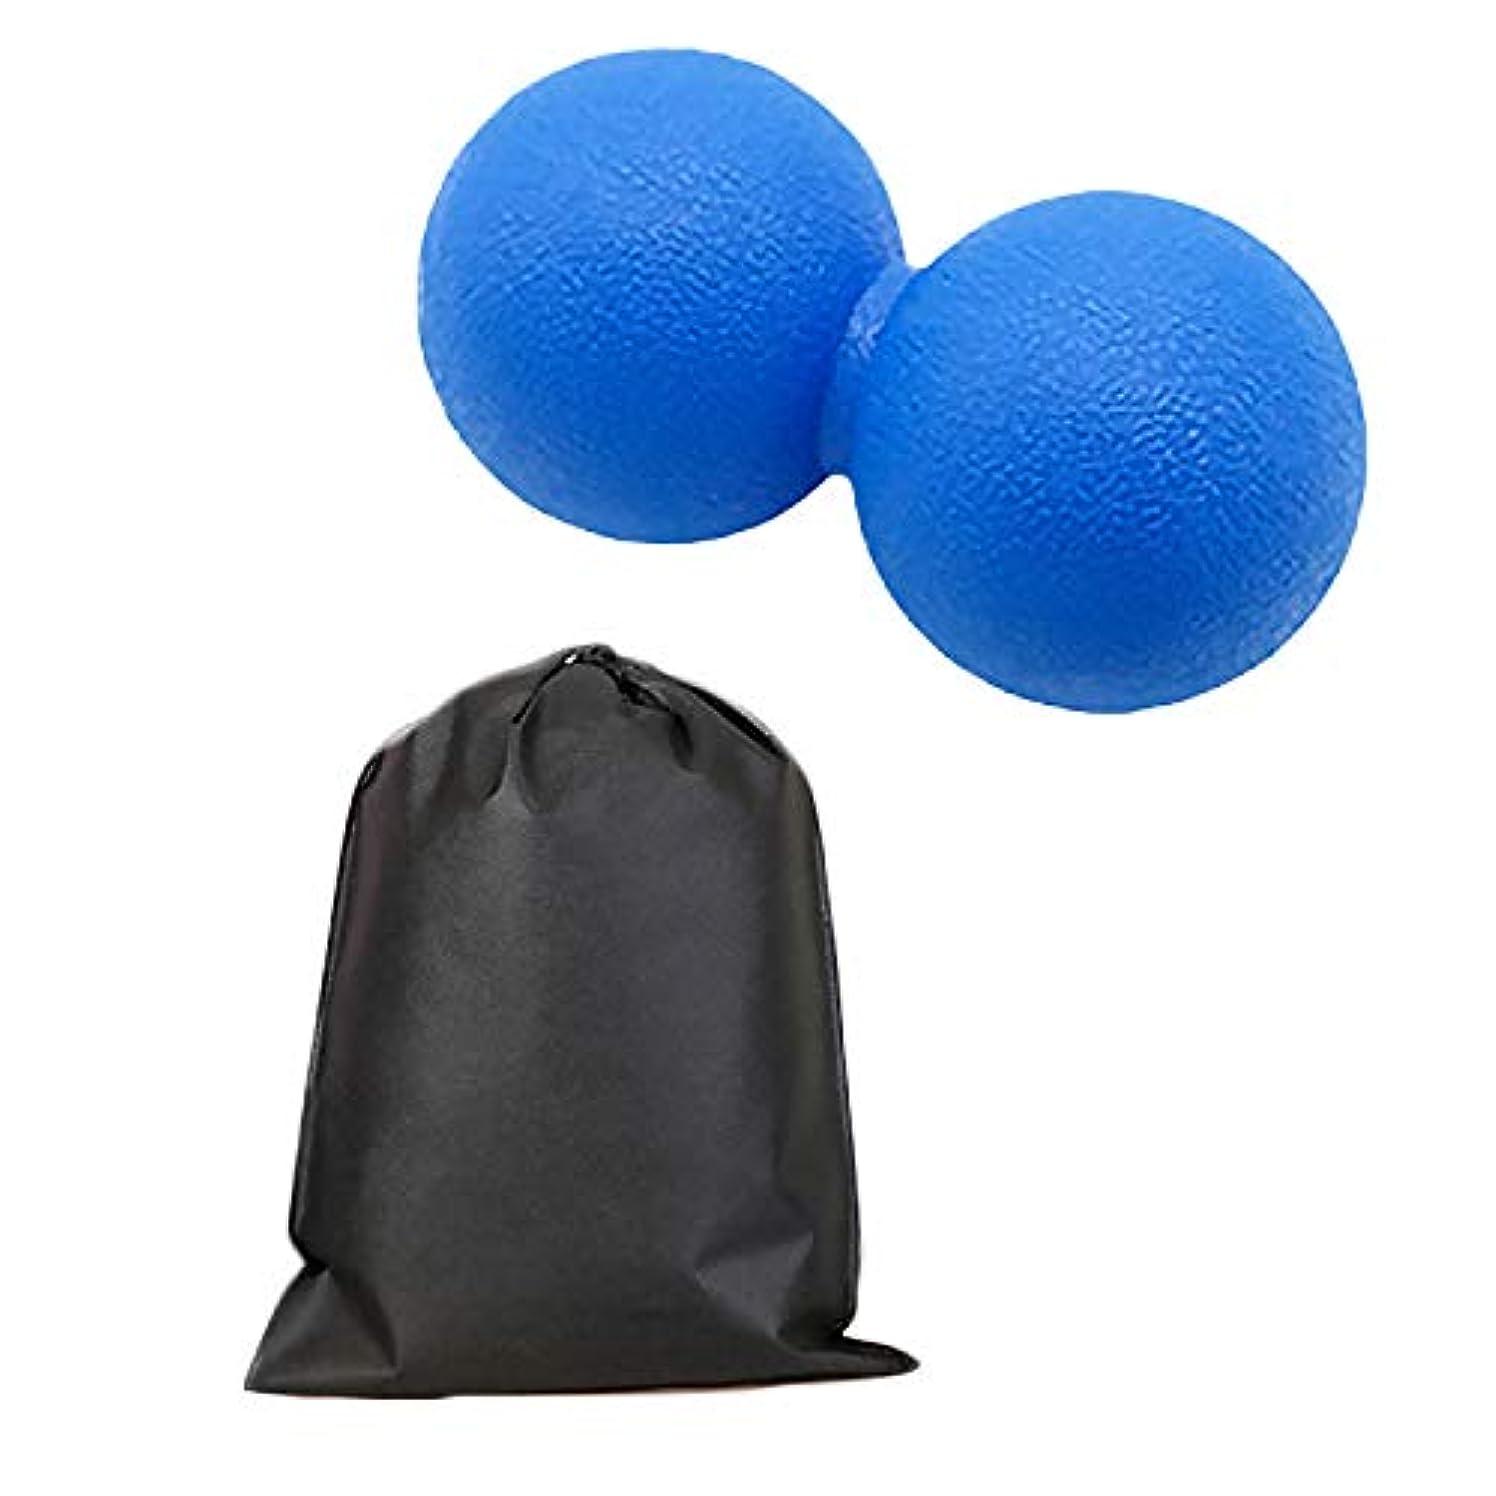 牧師事業徹底的にMigavan マッサージボールローラーバックマッサージボール収納袋が付いているピーナツマッサージのローラーボールのマッサージャー